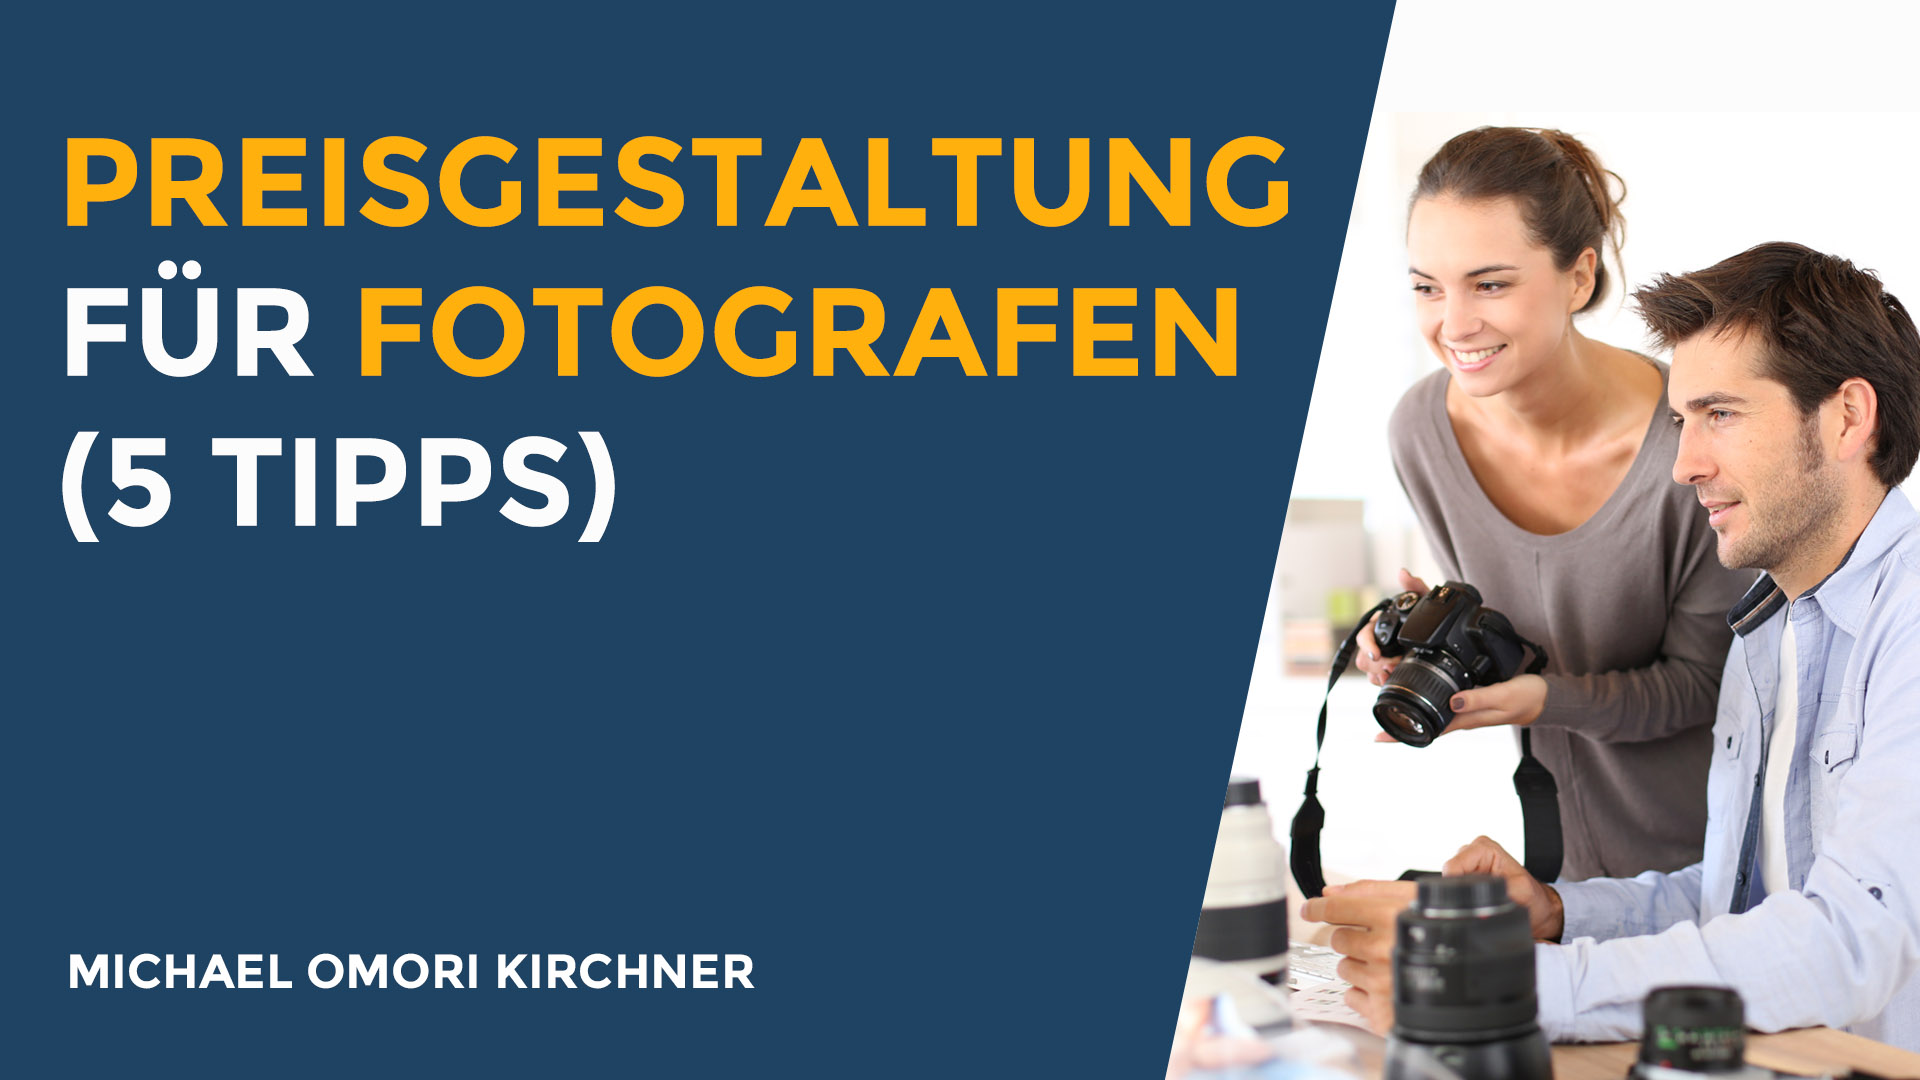 Preisgestaltung für Fotografen